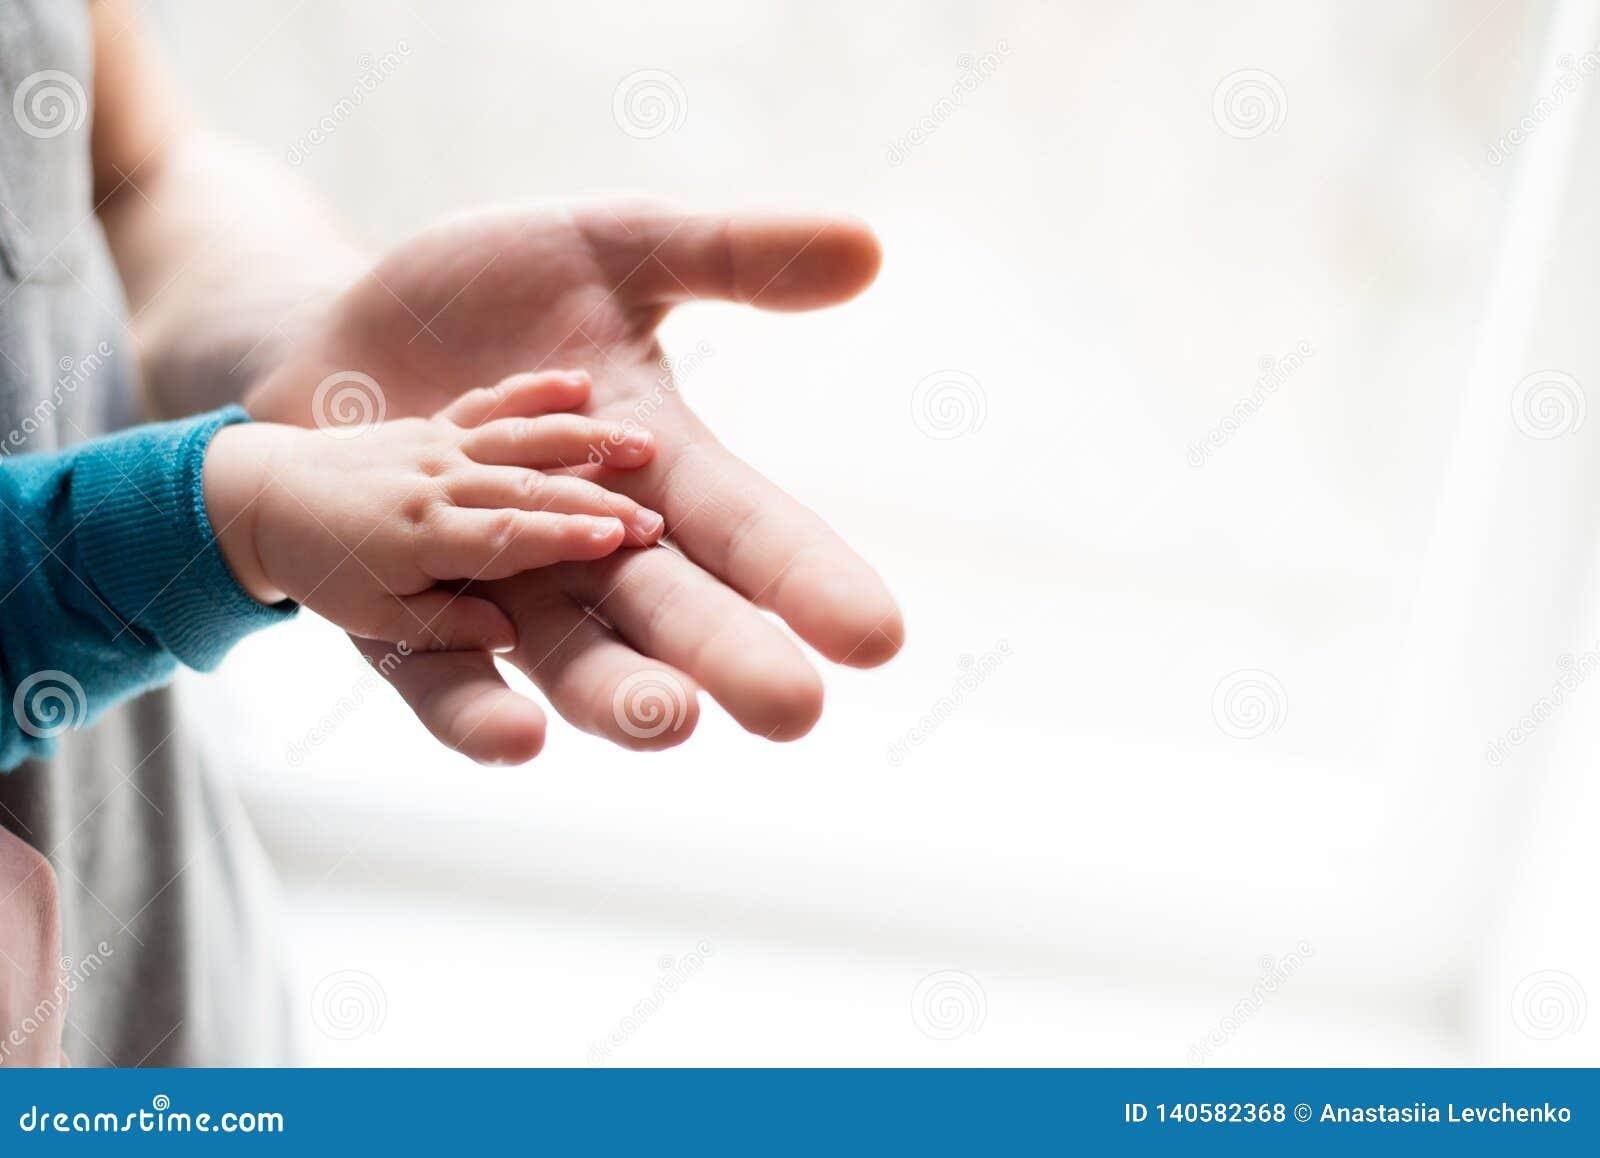 Irmãs que prendem as mãos entregue o bebê de sono na mão do close-up do pai Mãos no fundo branco